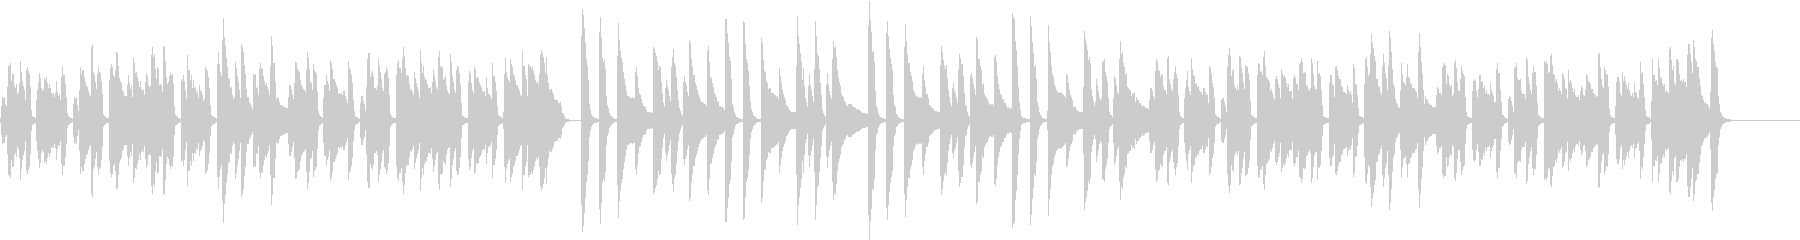 ほのぼの/かわいい/猫/ピアノ/団らんの未再生の波形